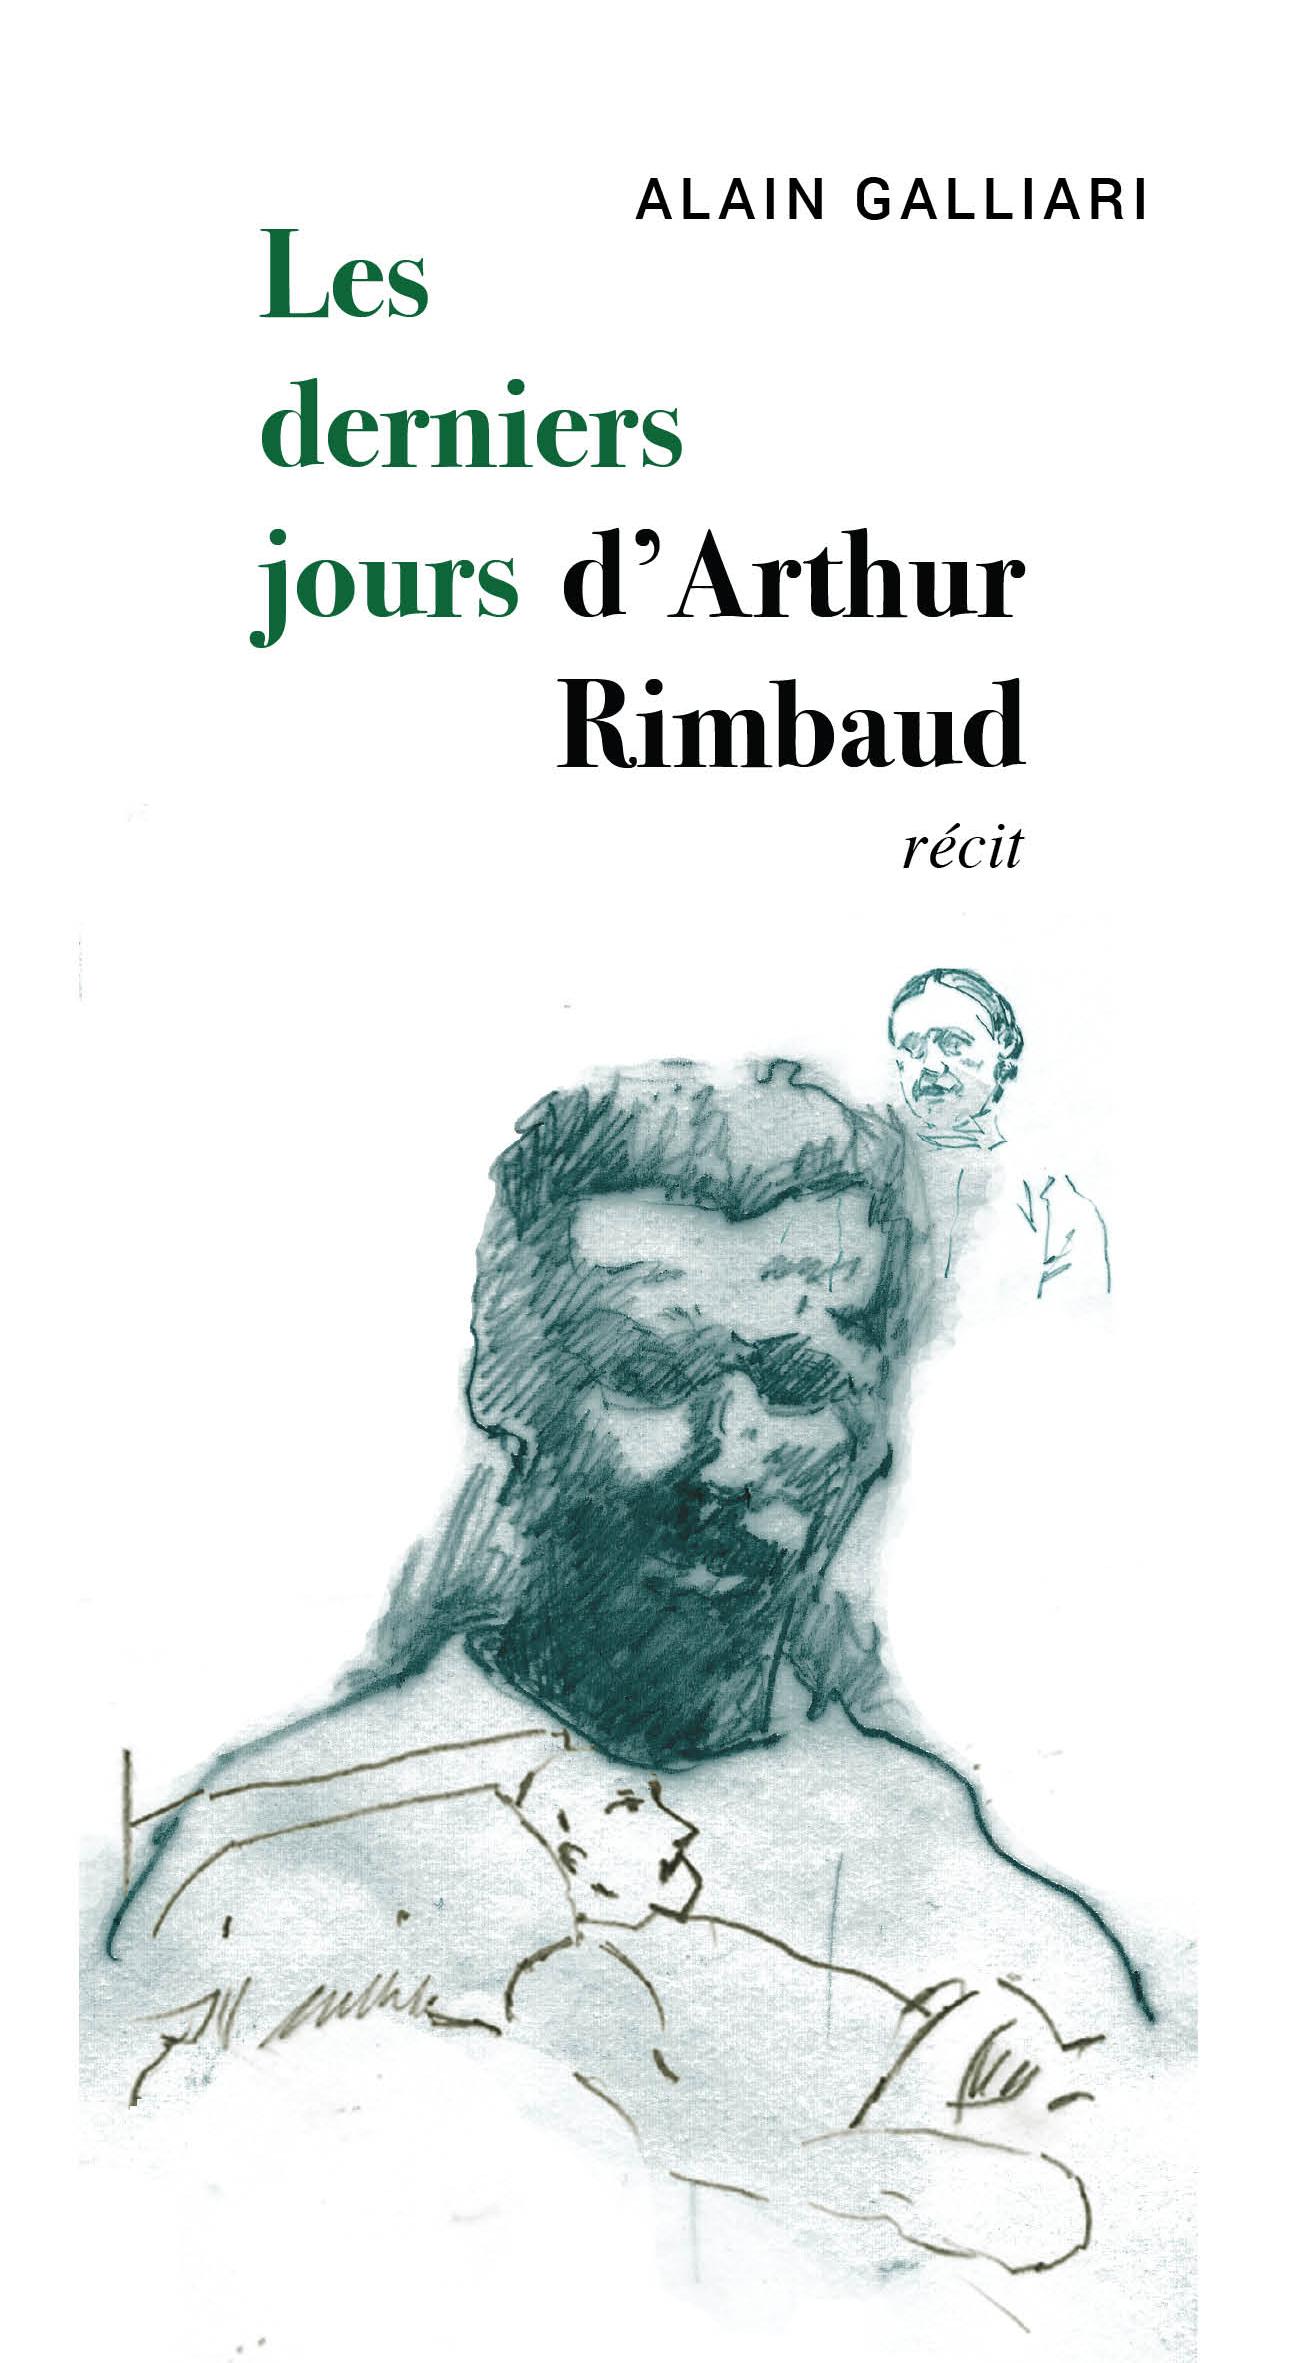 Les derniers jours d'Arthur Rimbaud